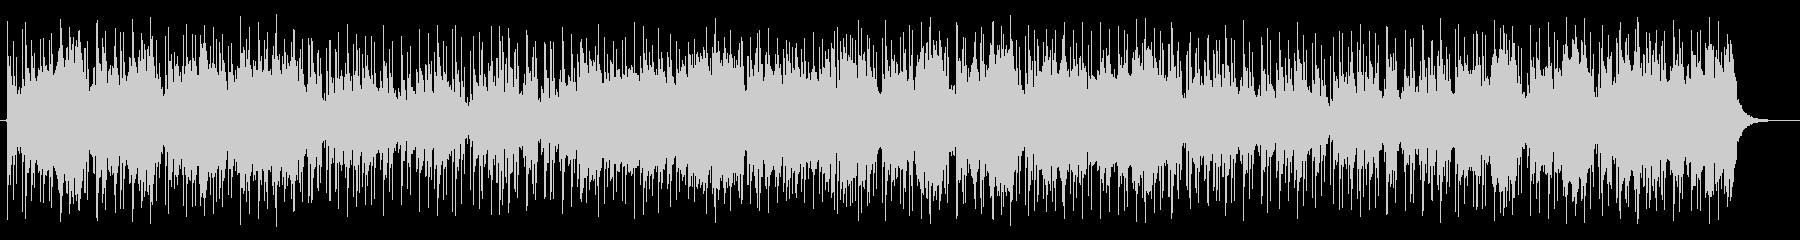 リズミカルで軽快なピアノポップサウンドの未再生の波形